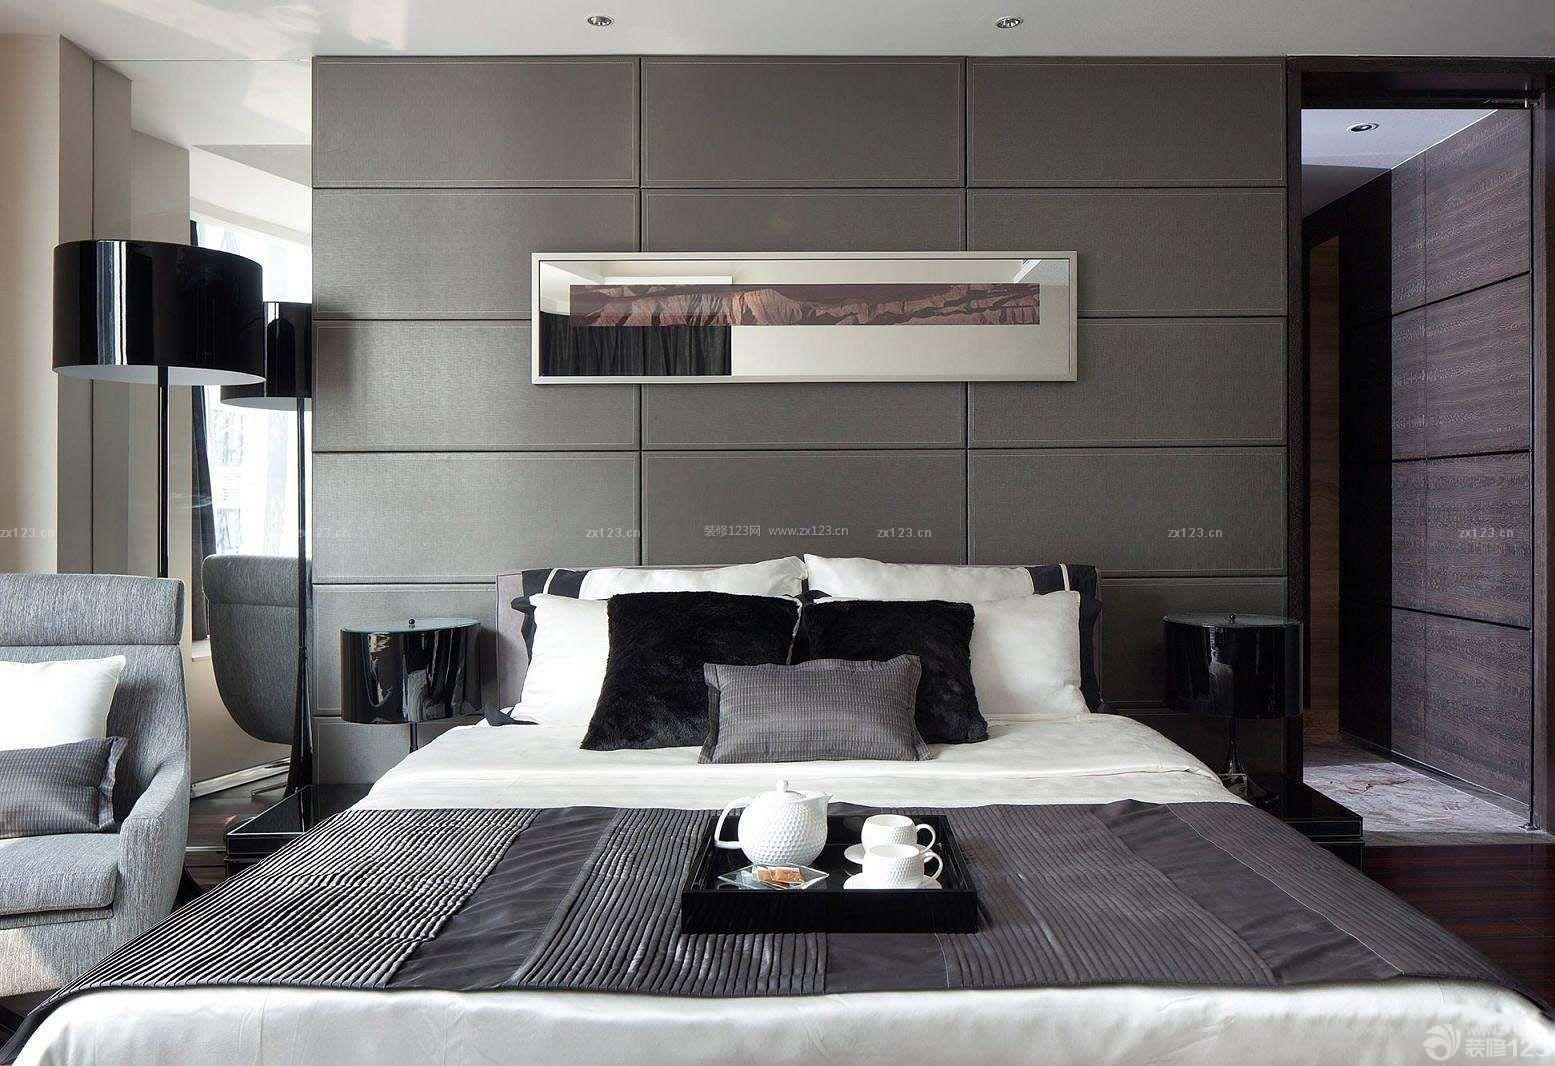 黑白风格卧室装修效果图三室两厅简装_装修1